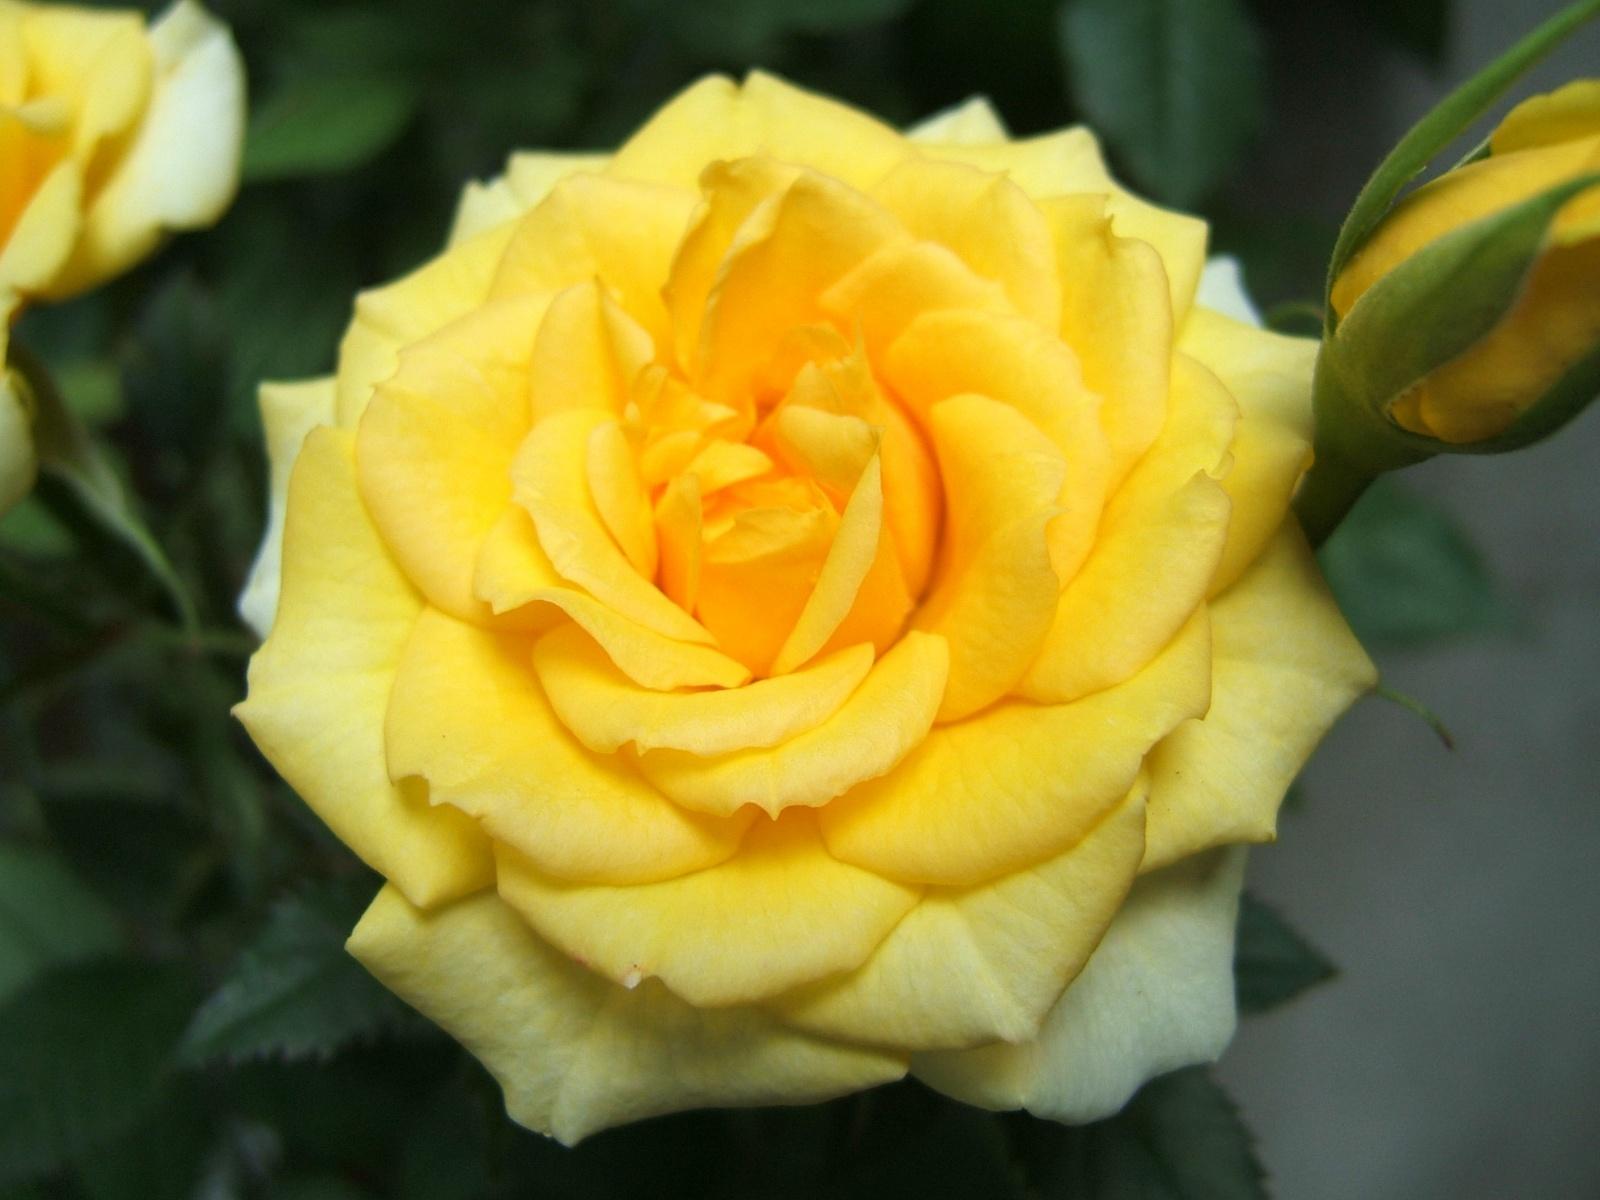 Hd wallpaper yellow rose - Yellow Roses Wallpapers Hd 10 Freetopwallpaper Com